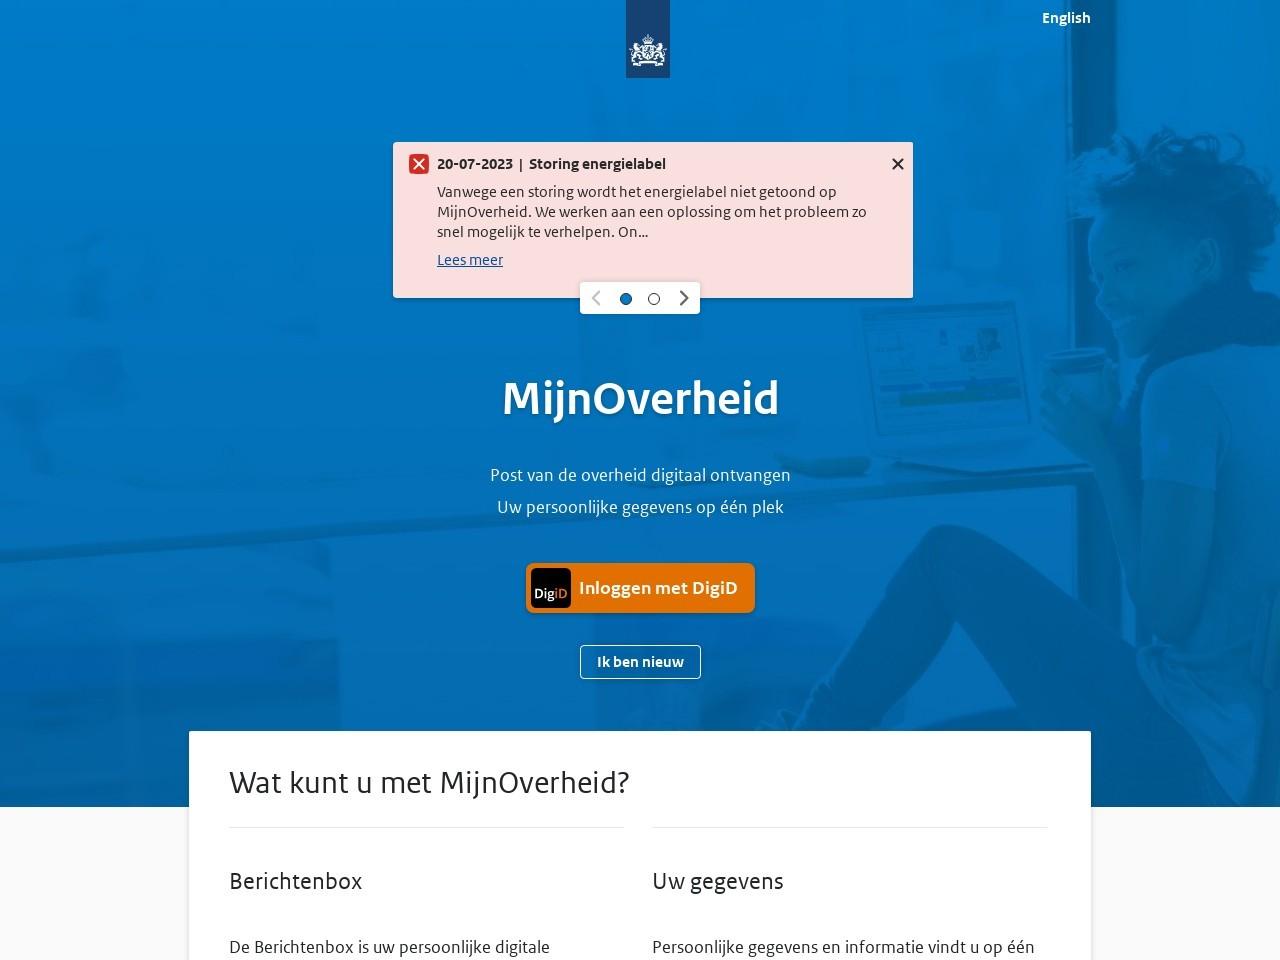 https://mijn.overheid.nl/contact/detail/organisatie/649